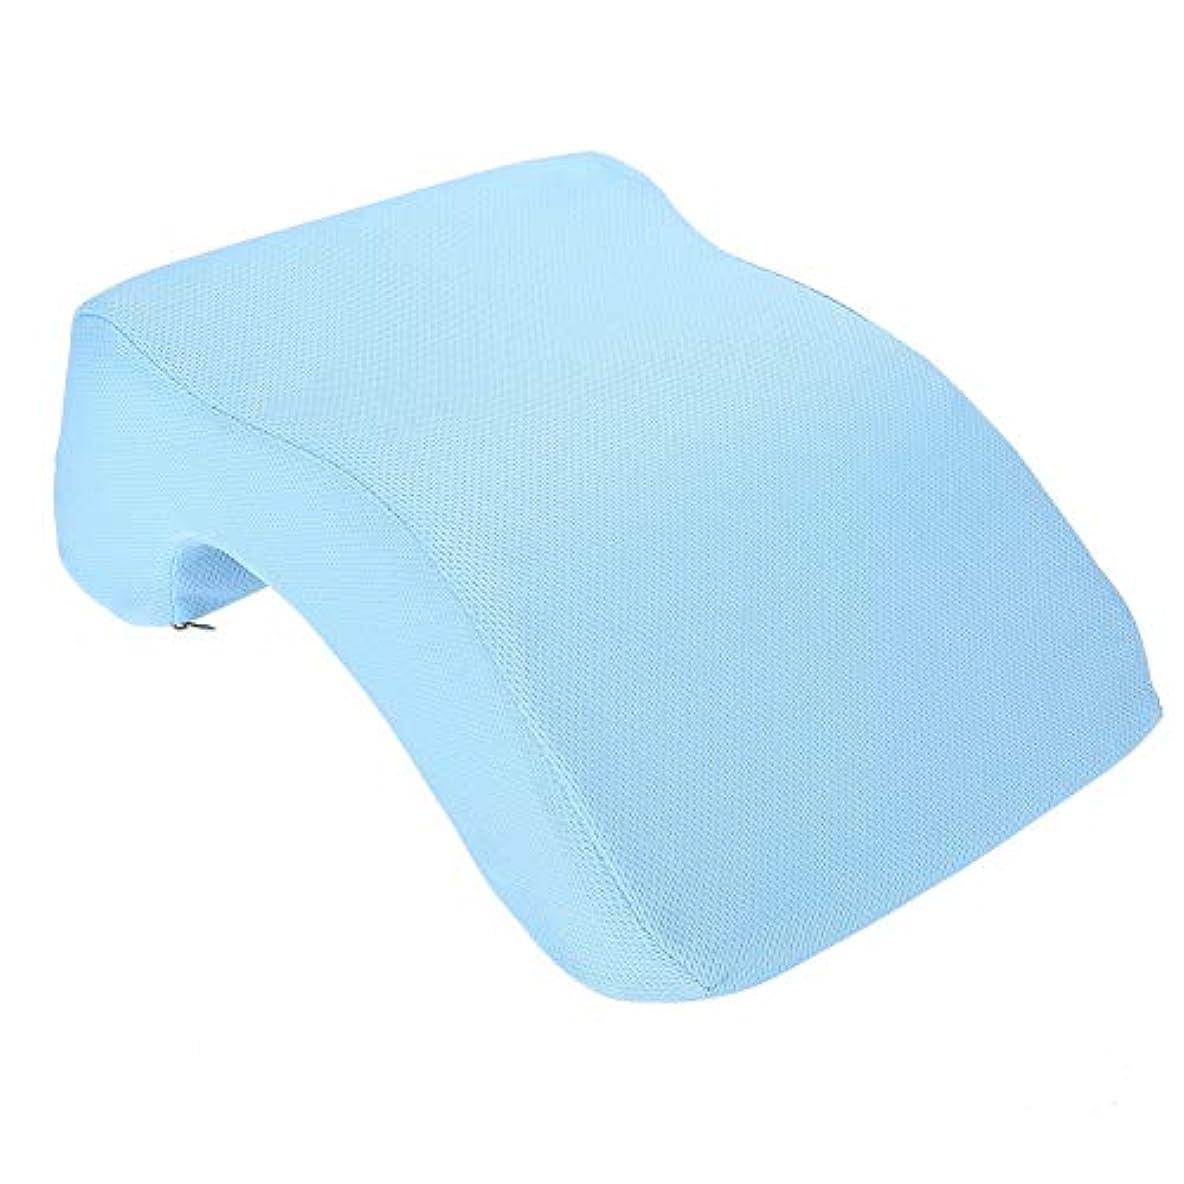 居眠りする睡眠の枕クッション、オフィススクールデスクでのナックと頭の使用のための通気性のある旅行枕人間工学的の極度の柔らかい首サポート遅い反動の記憶泡の残りのクッション